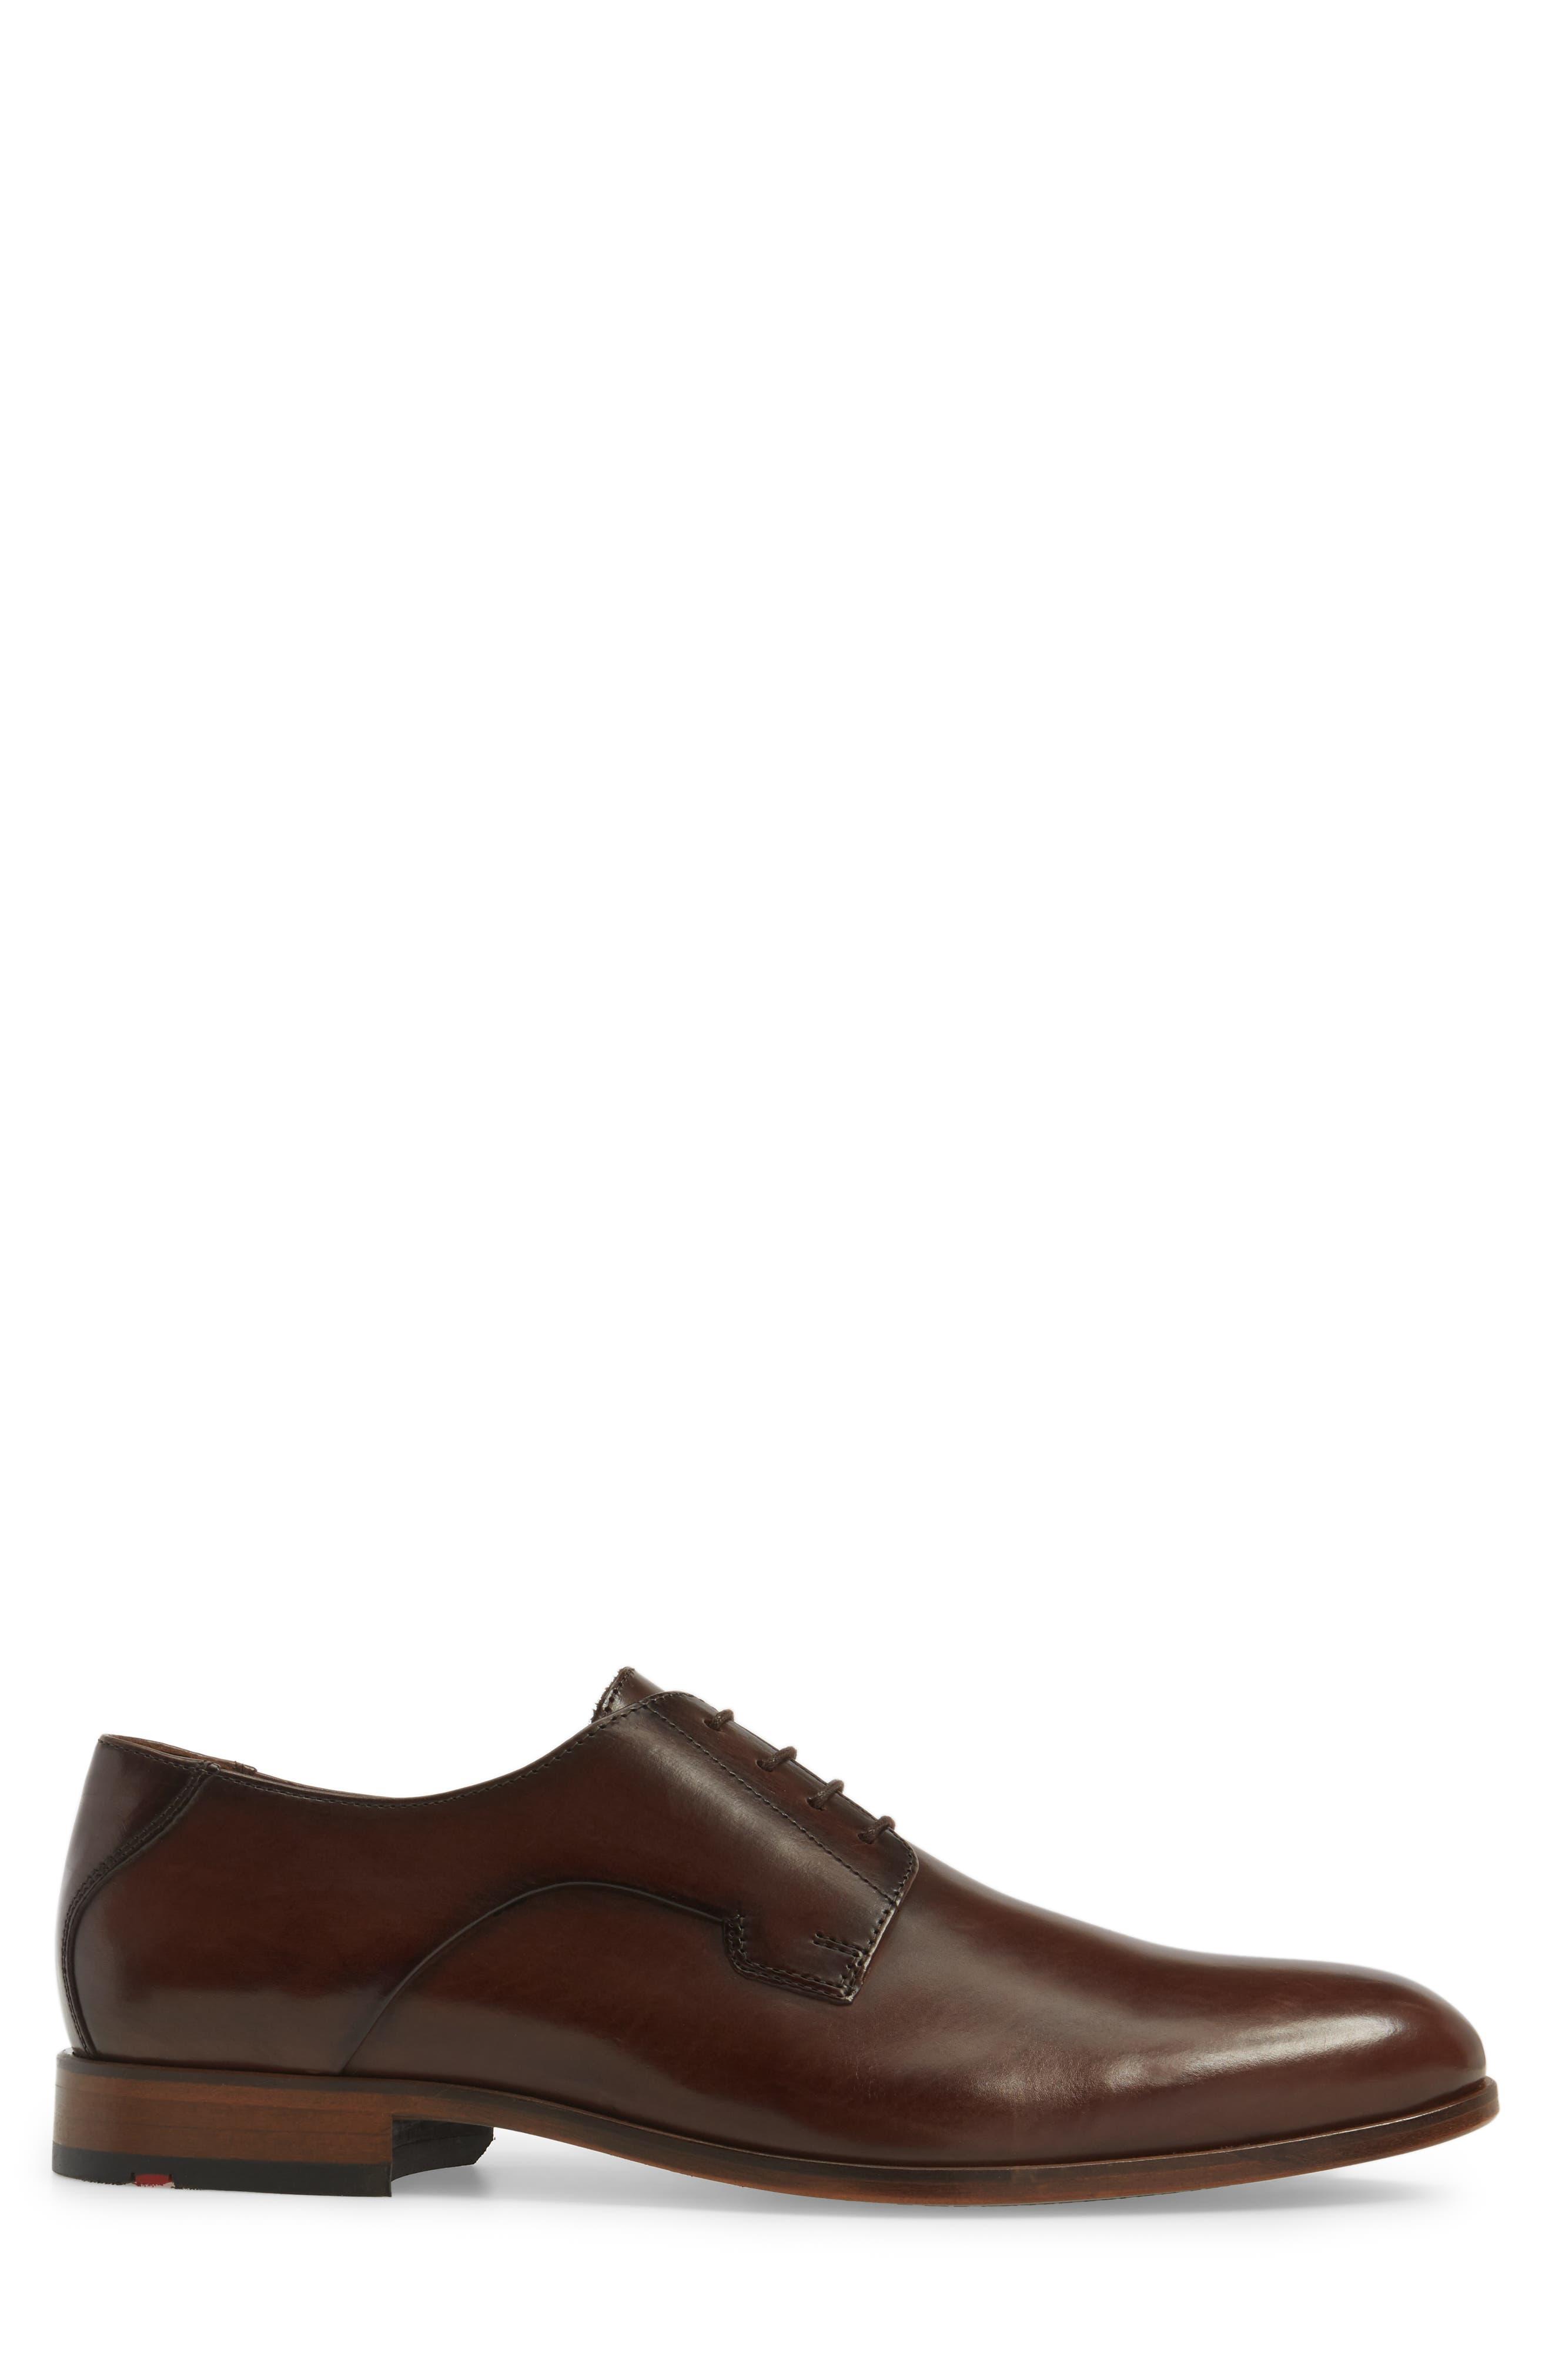 Mannex Plain Toe Derby,                             Alternate thumbnail 3, color,                             T.D.Moro Leather